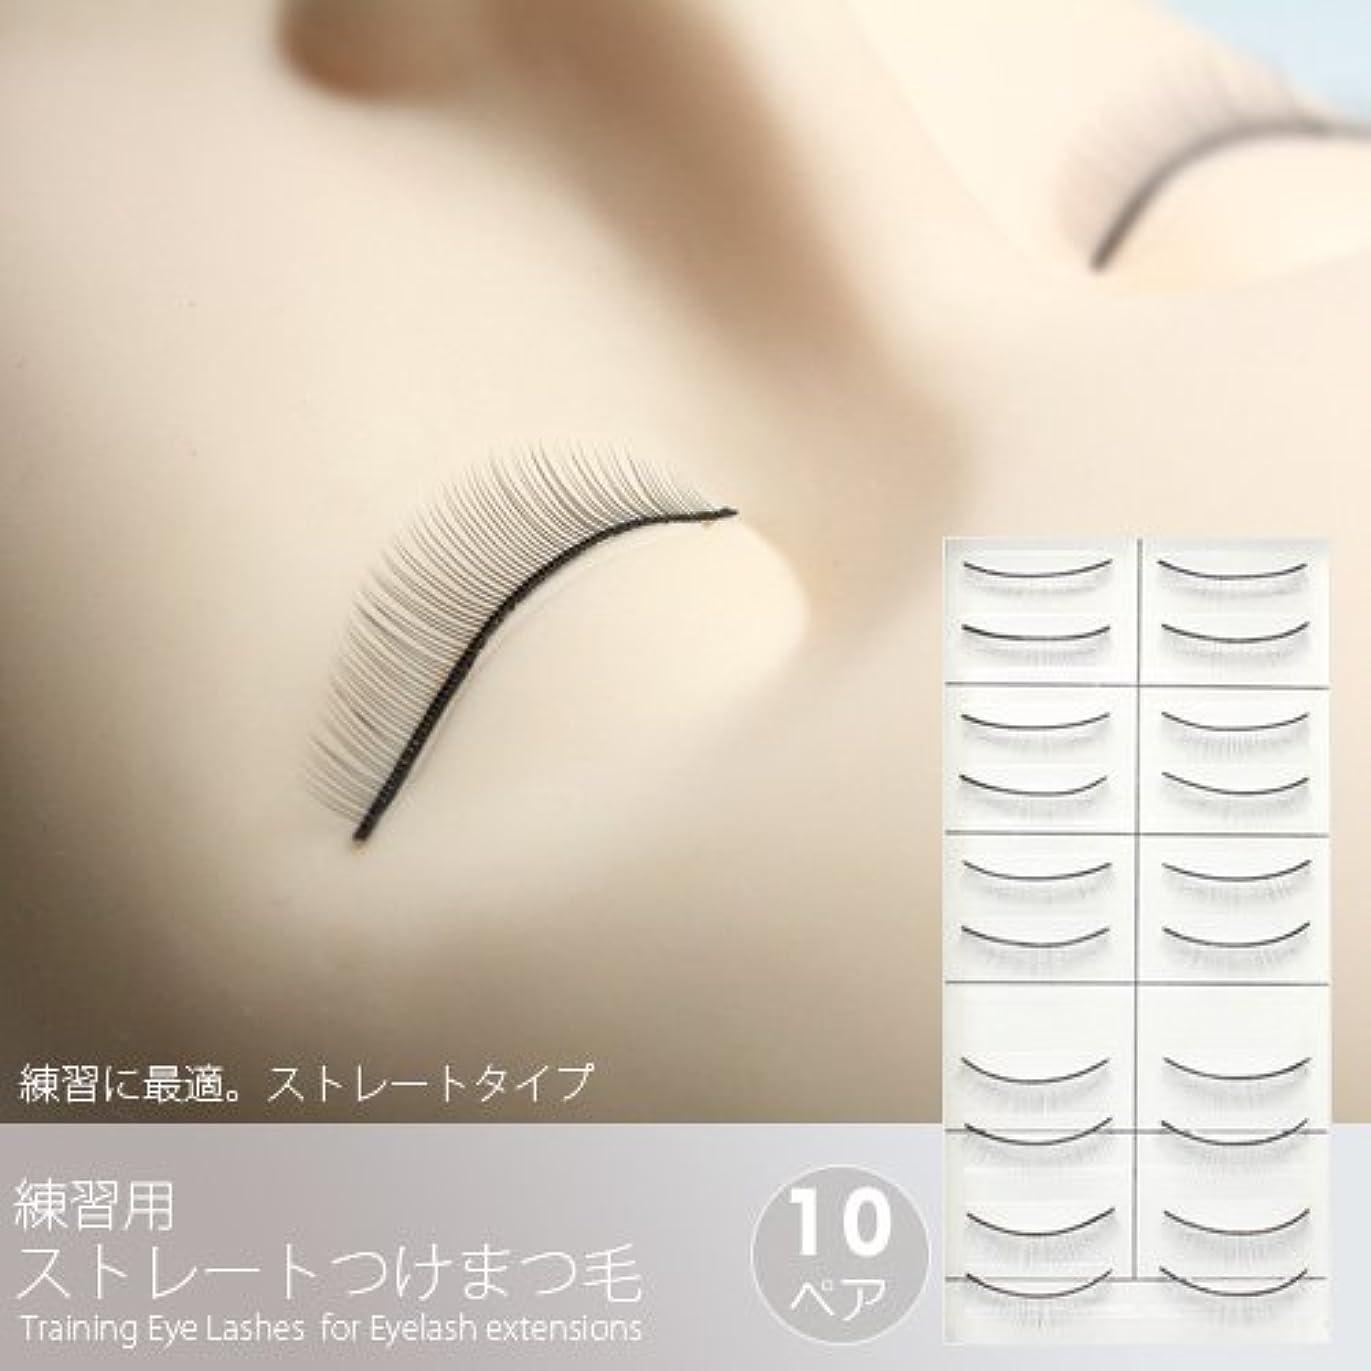 レンディションチキンゾーン練習用ストレートつけまつげ(10ペア)[Training Eye Lashes ]/まつ毛エクステ商材